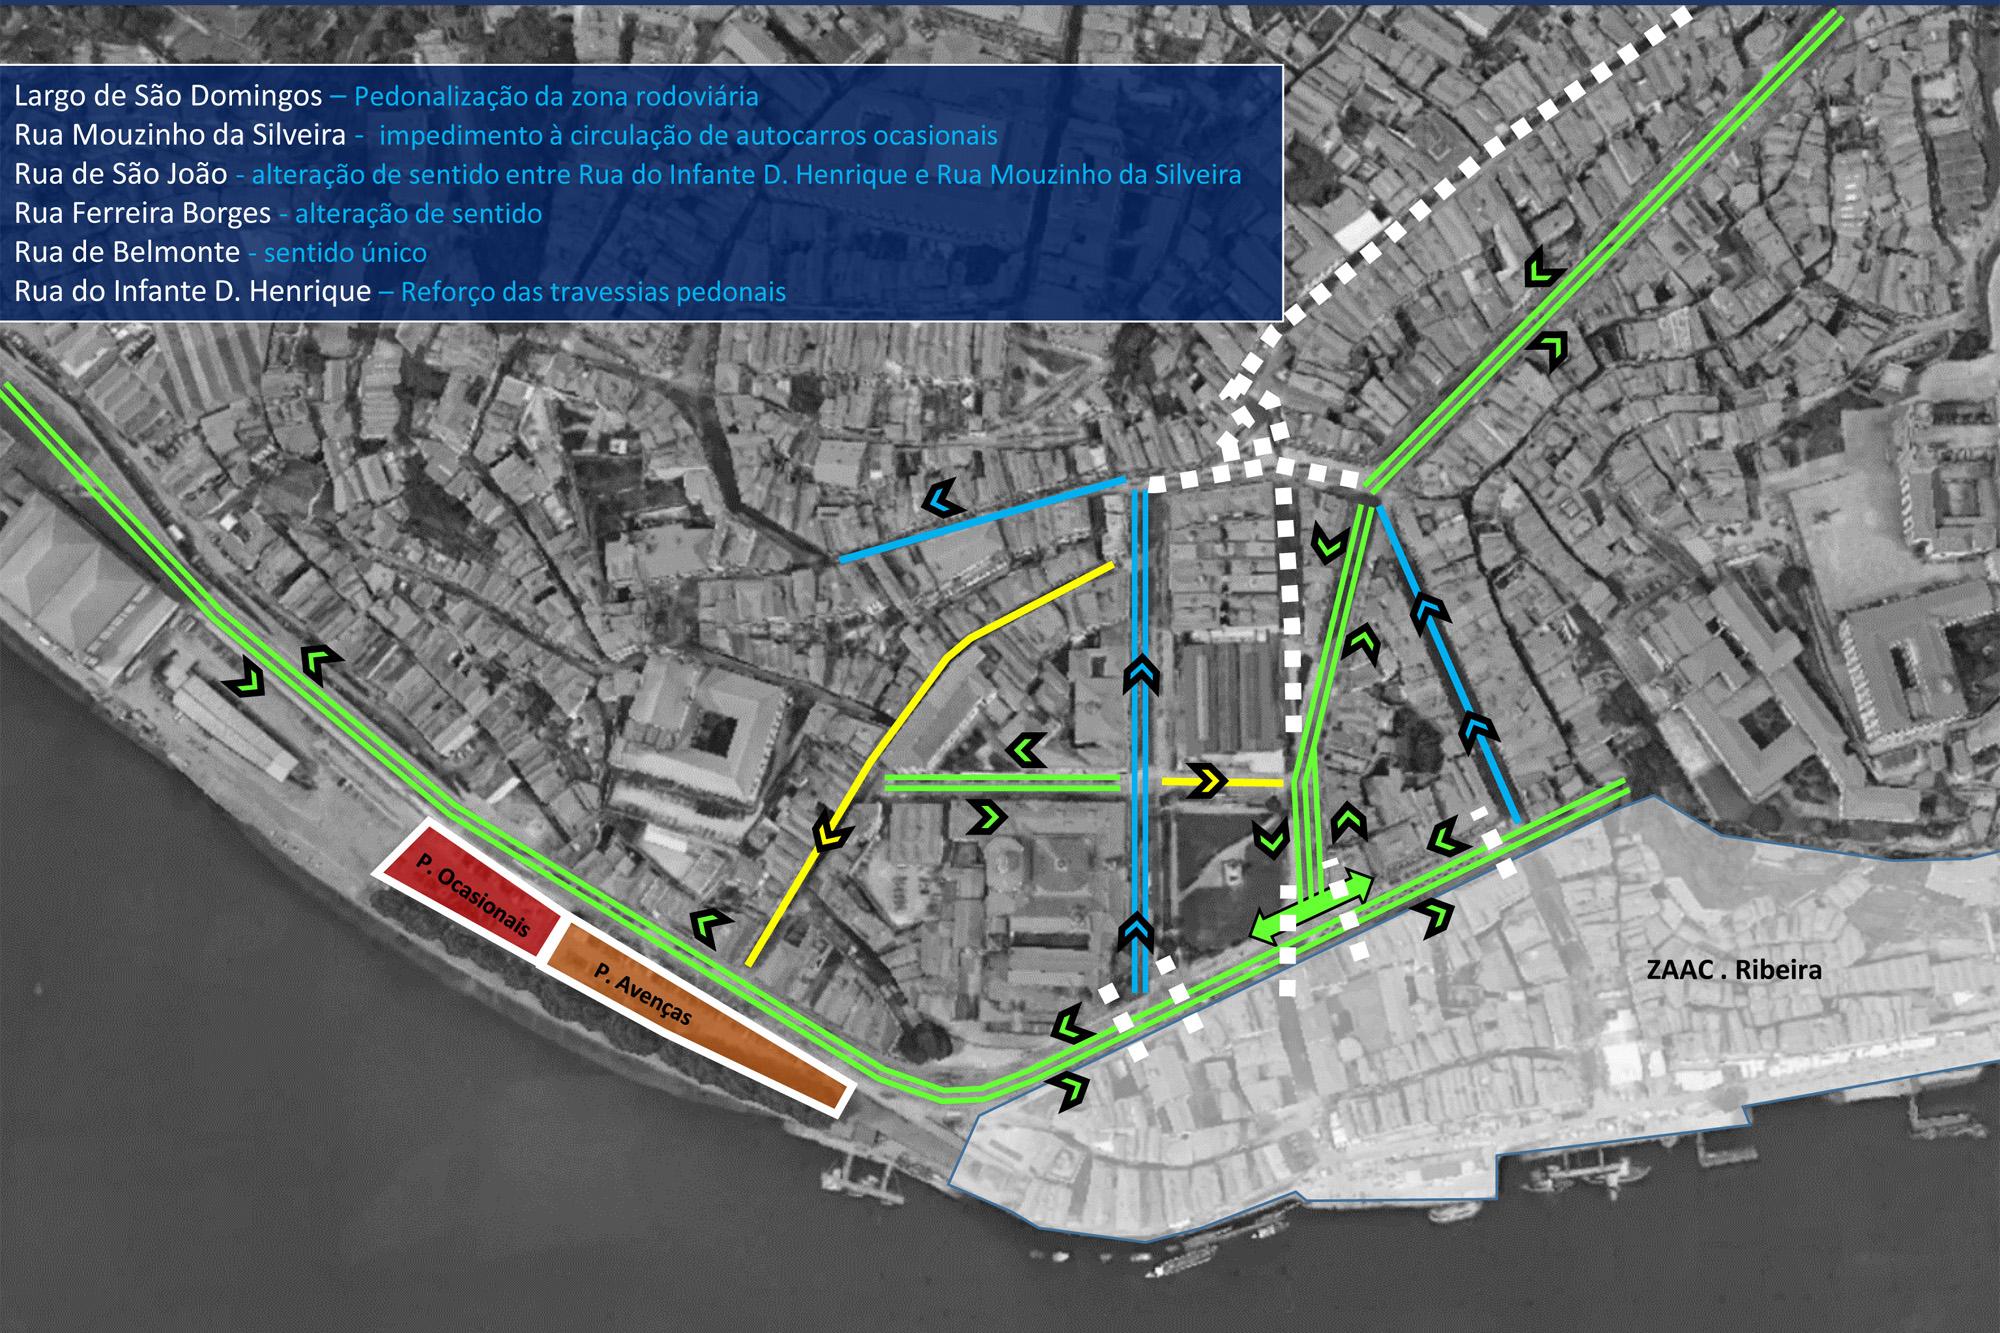 Autarquia estuda alterações nos fluxos de trânsito da zona histórica.